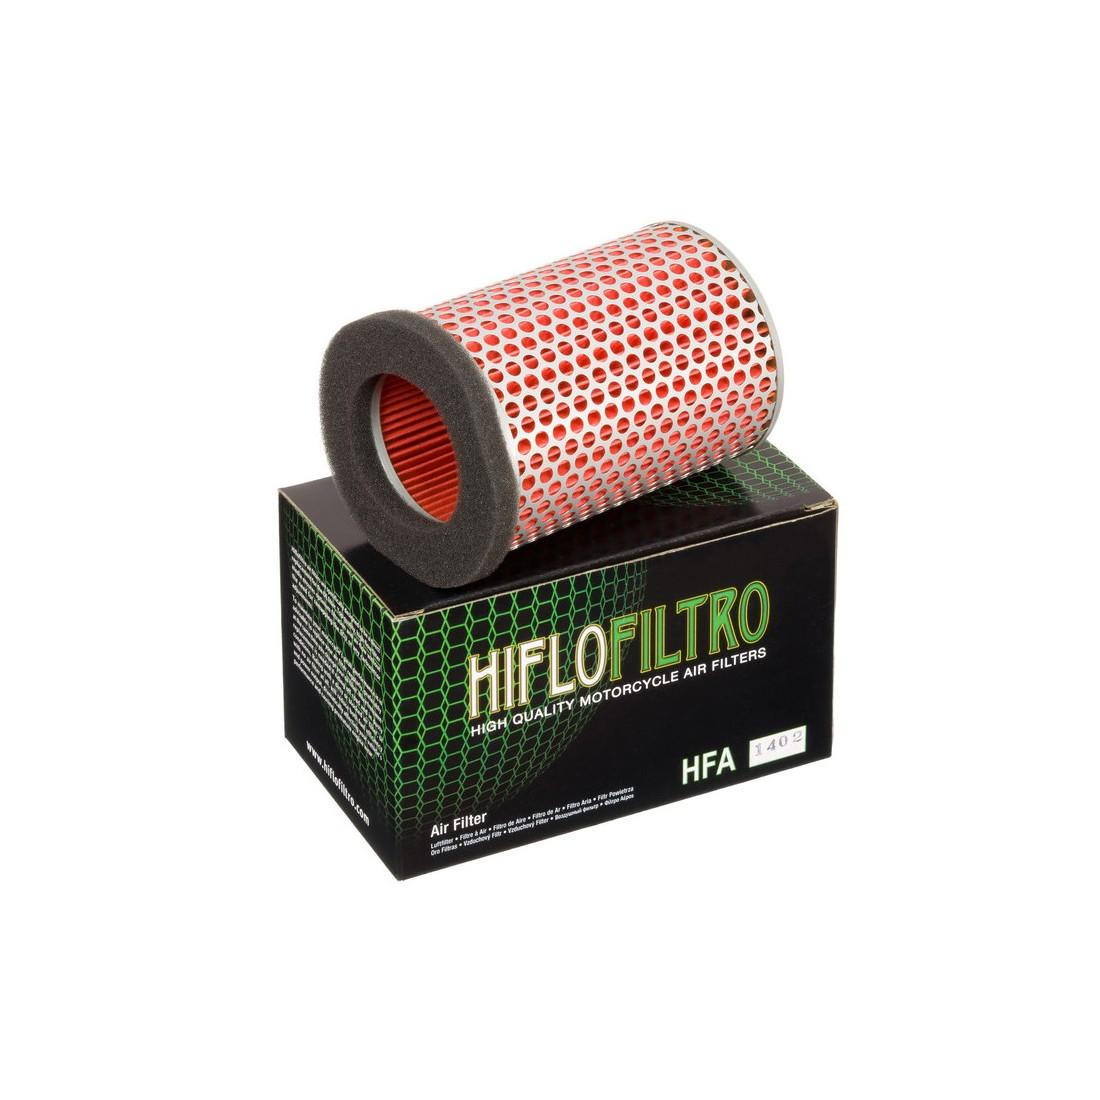 Filtro Aire Hiflofiltro HFA1402